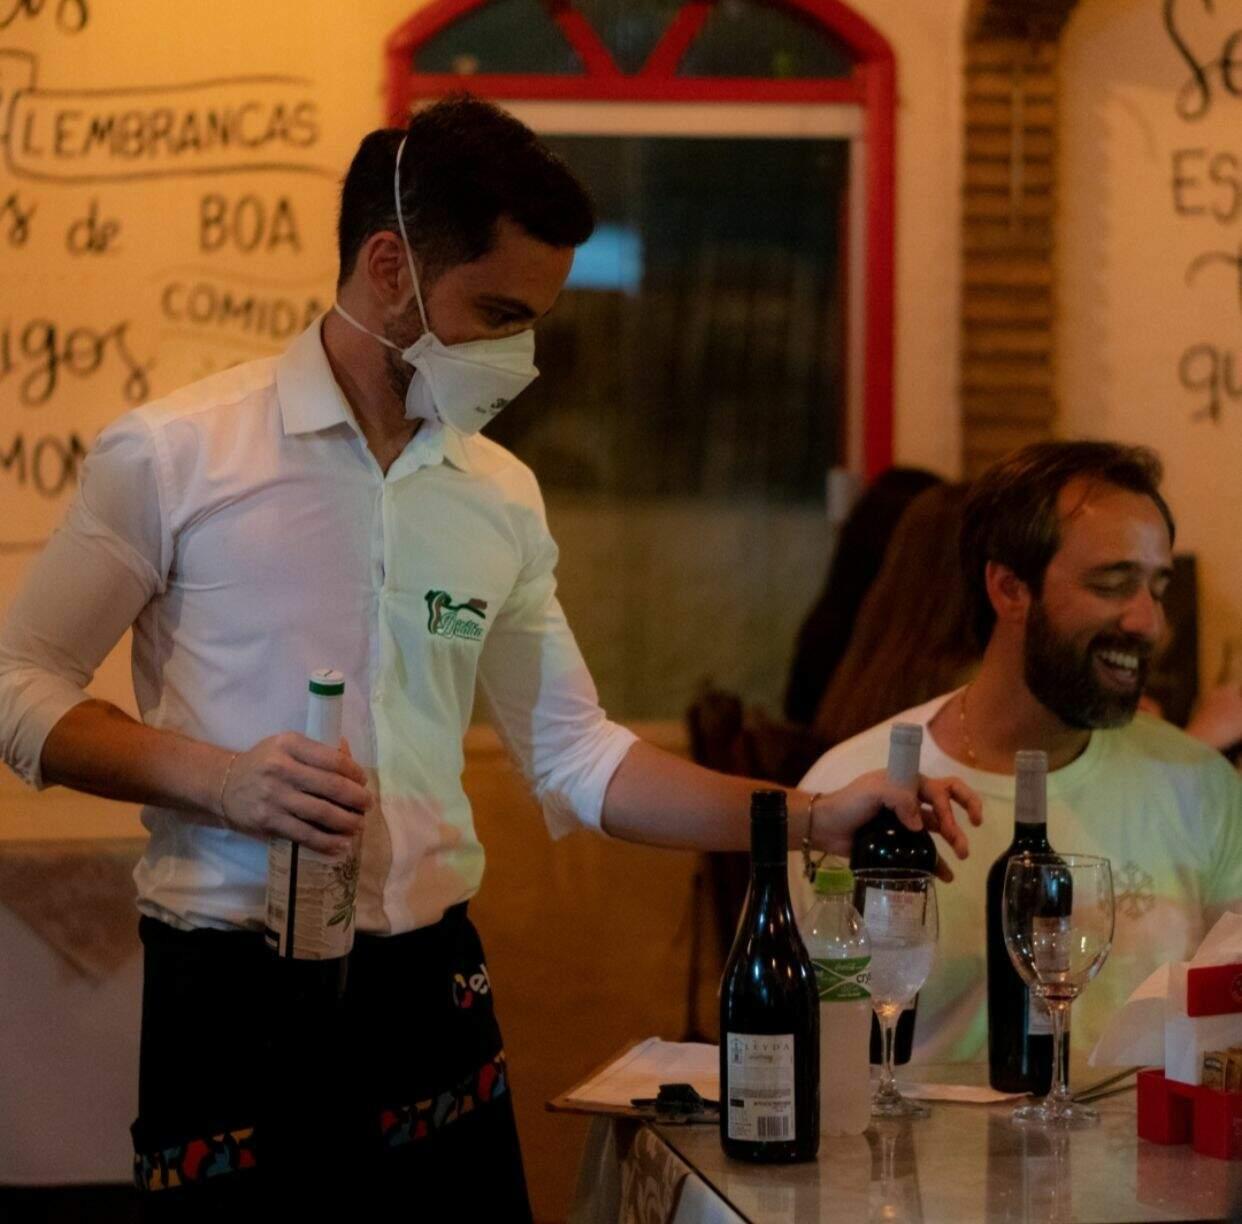 Gabriel trabalha desde os 15 anos na área, mas foi aos 19 anos que conquistou o próprio restaurante. (Foto: Arquivo Pessoal)